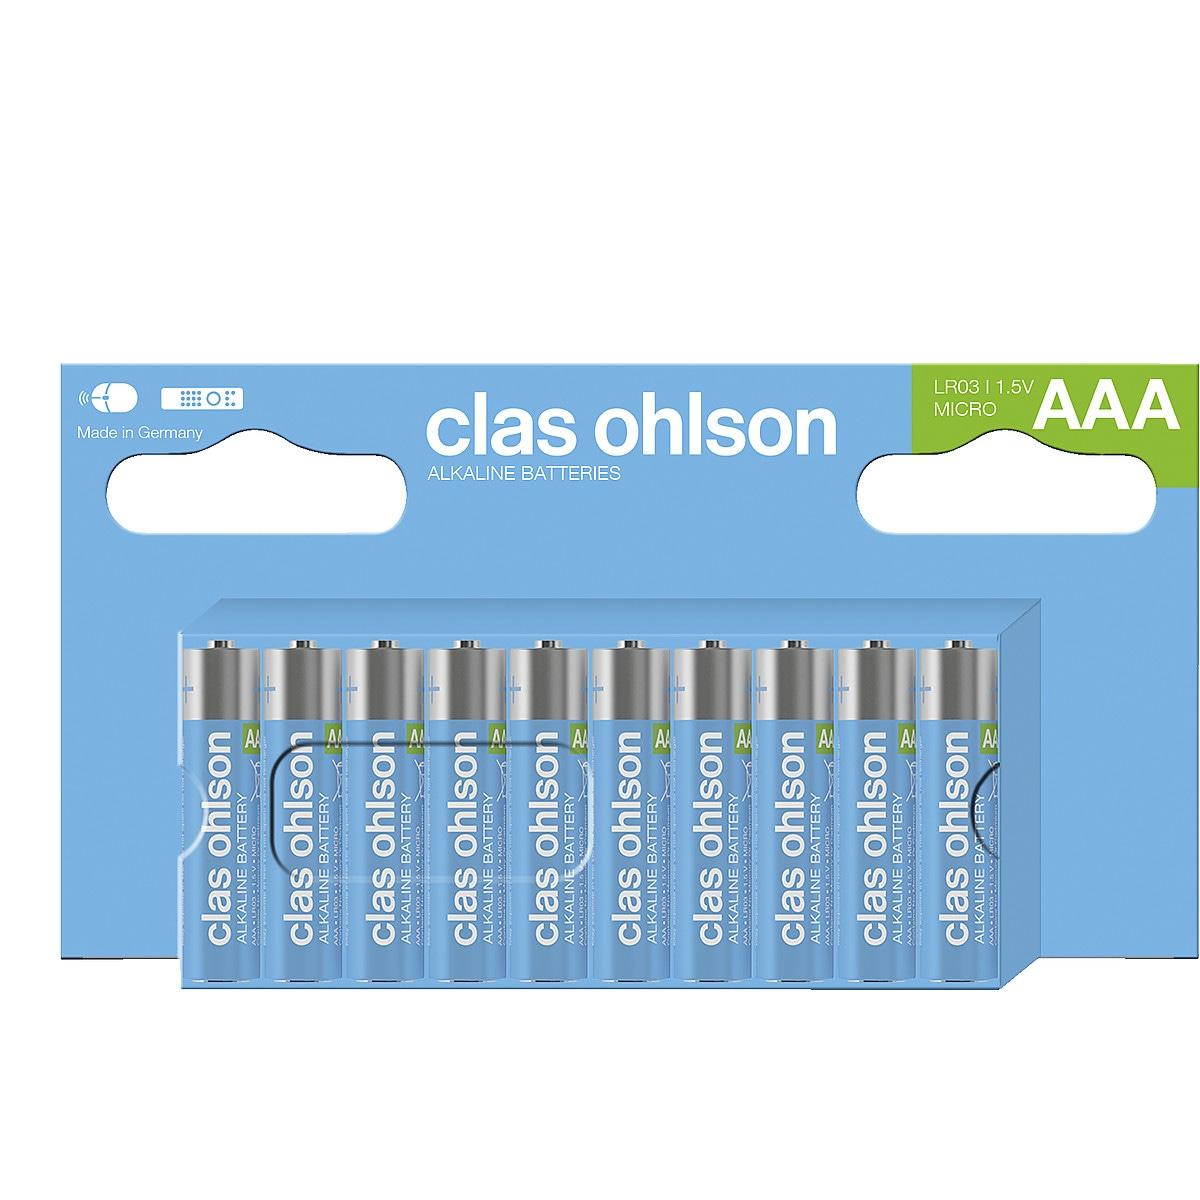 Alkalische Batterie AAA/LR03 Clas Ohlson